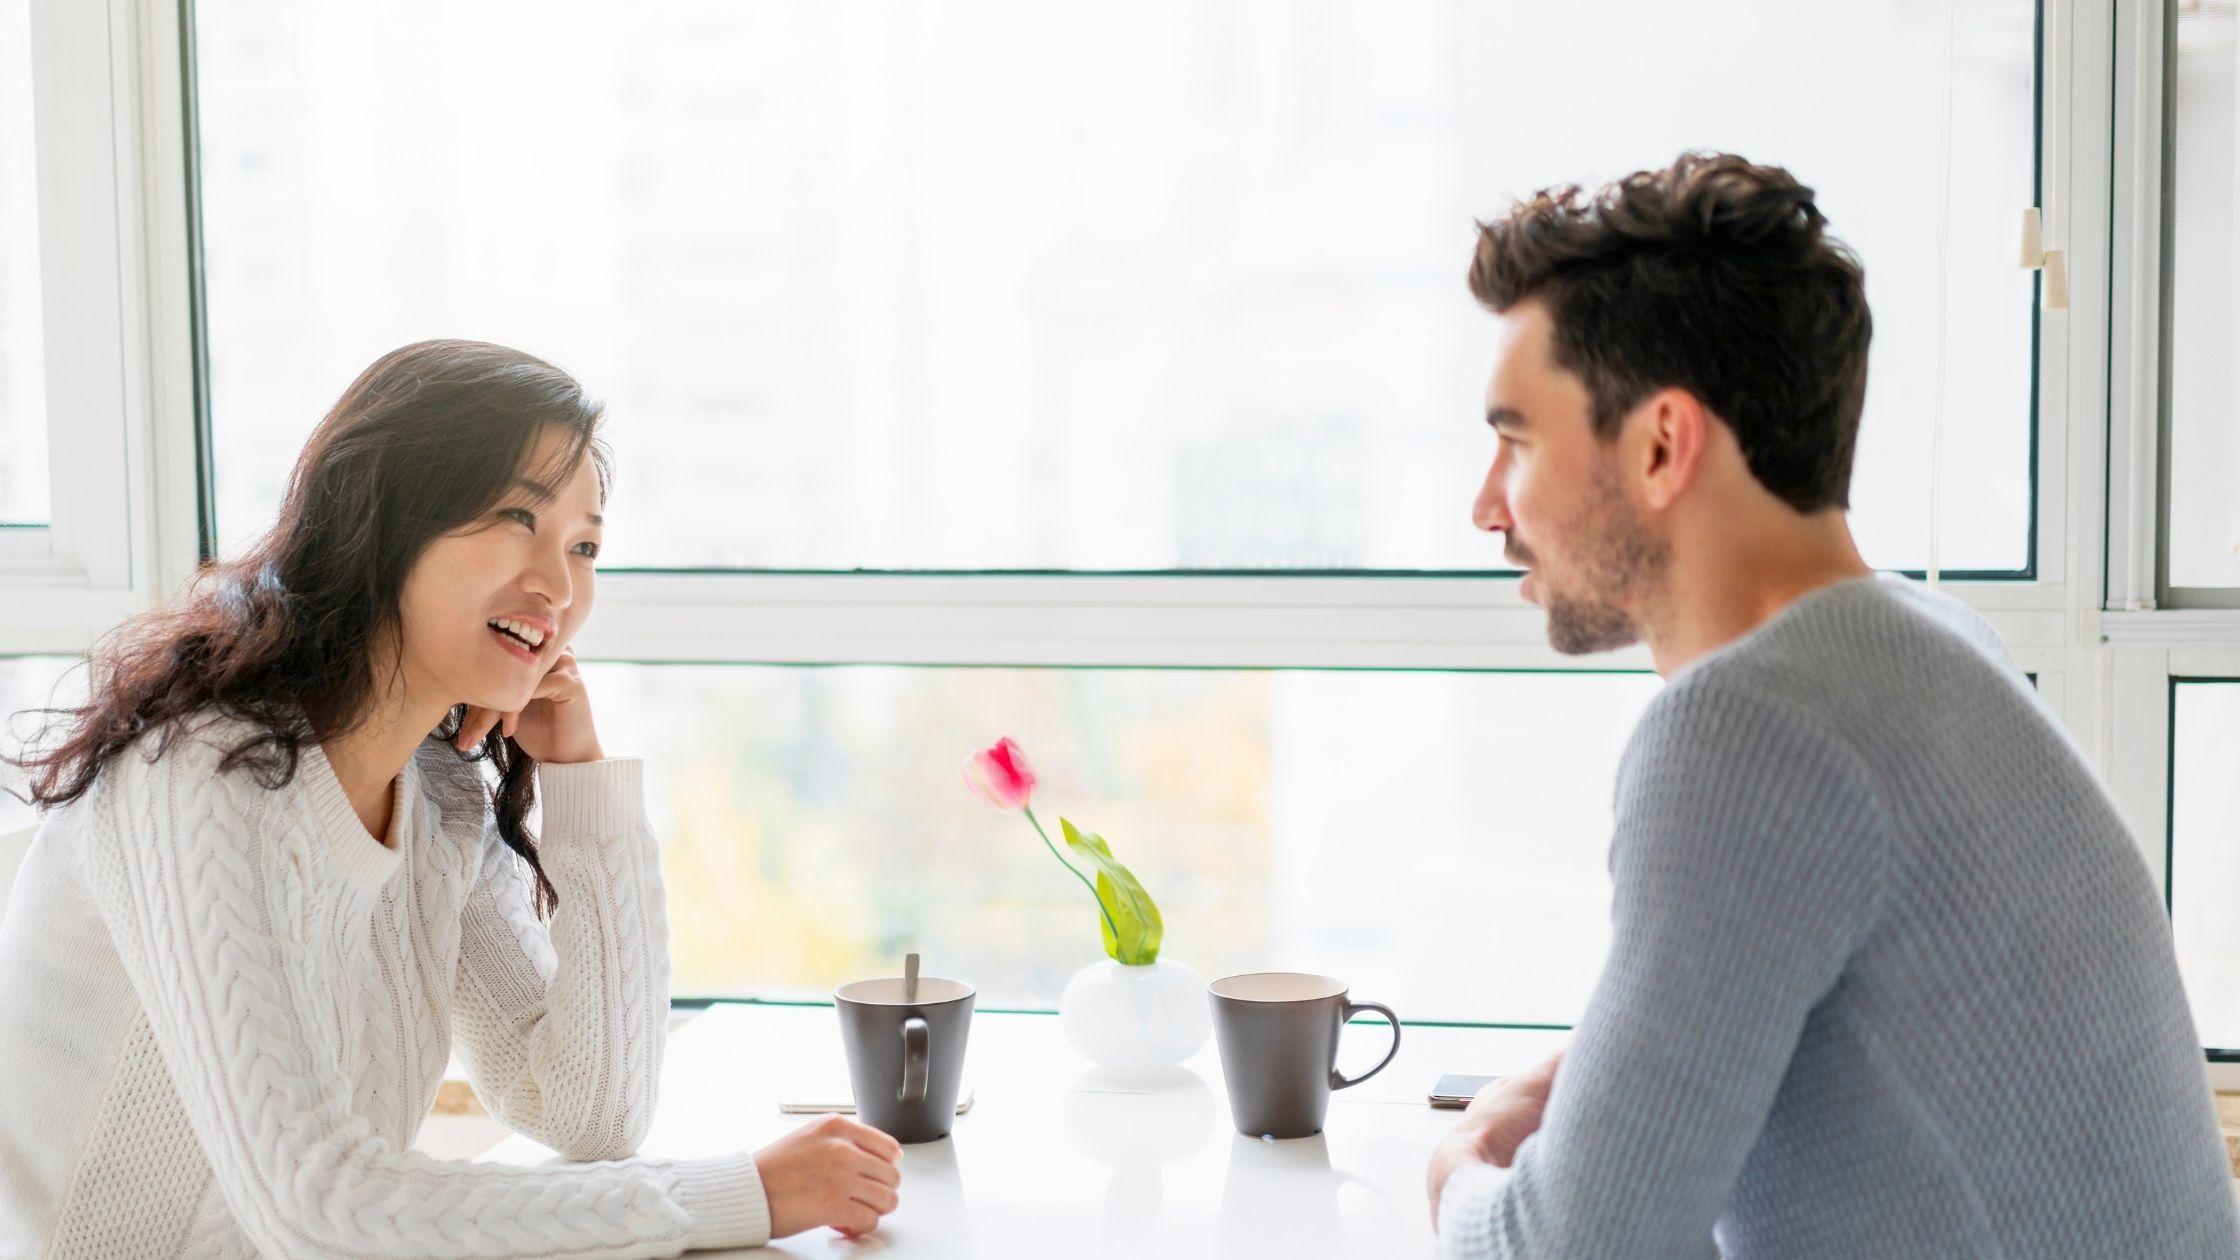 Photo prise à l'intérieur devant une fenêtre, un couple assis autour d'une petite table blanche, ils se parlent, elle est assise à gauche avec un pull blanc, lui à droite avec un pull gris, ils ont une tasse marron devant eux, au milieu de la table un vase avec une rose rouge, cette photo fait partie de l'article intitulé 'le rituel du matin'